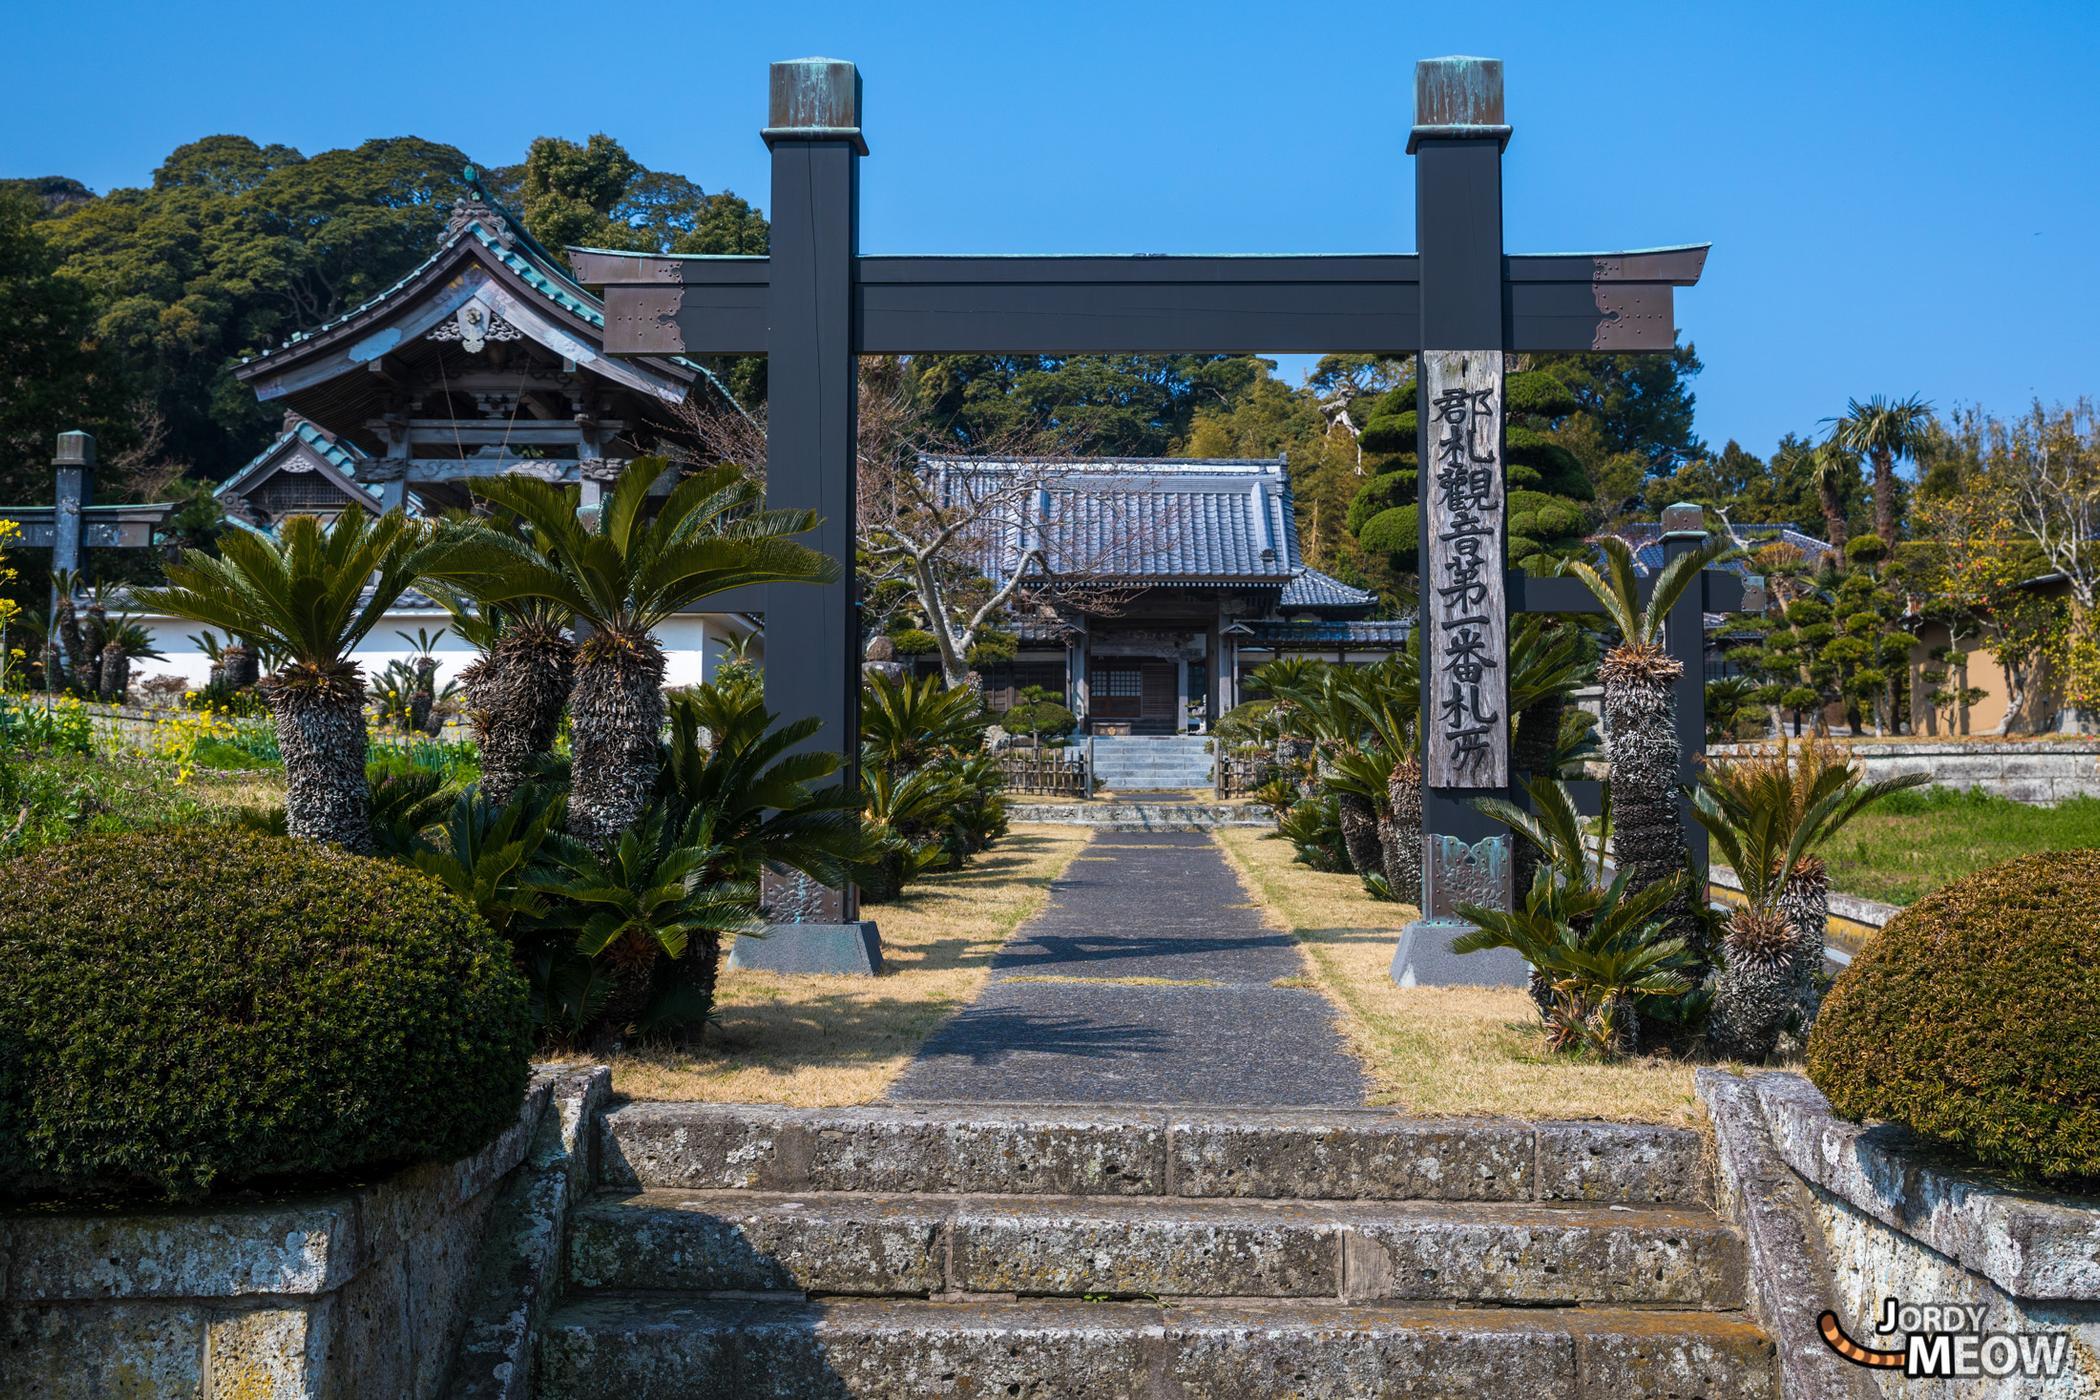 chiba, japan, japanese, kanto, religion, religious, shinto, shrine, spiritual, thing, tori